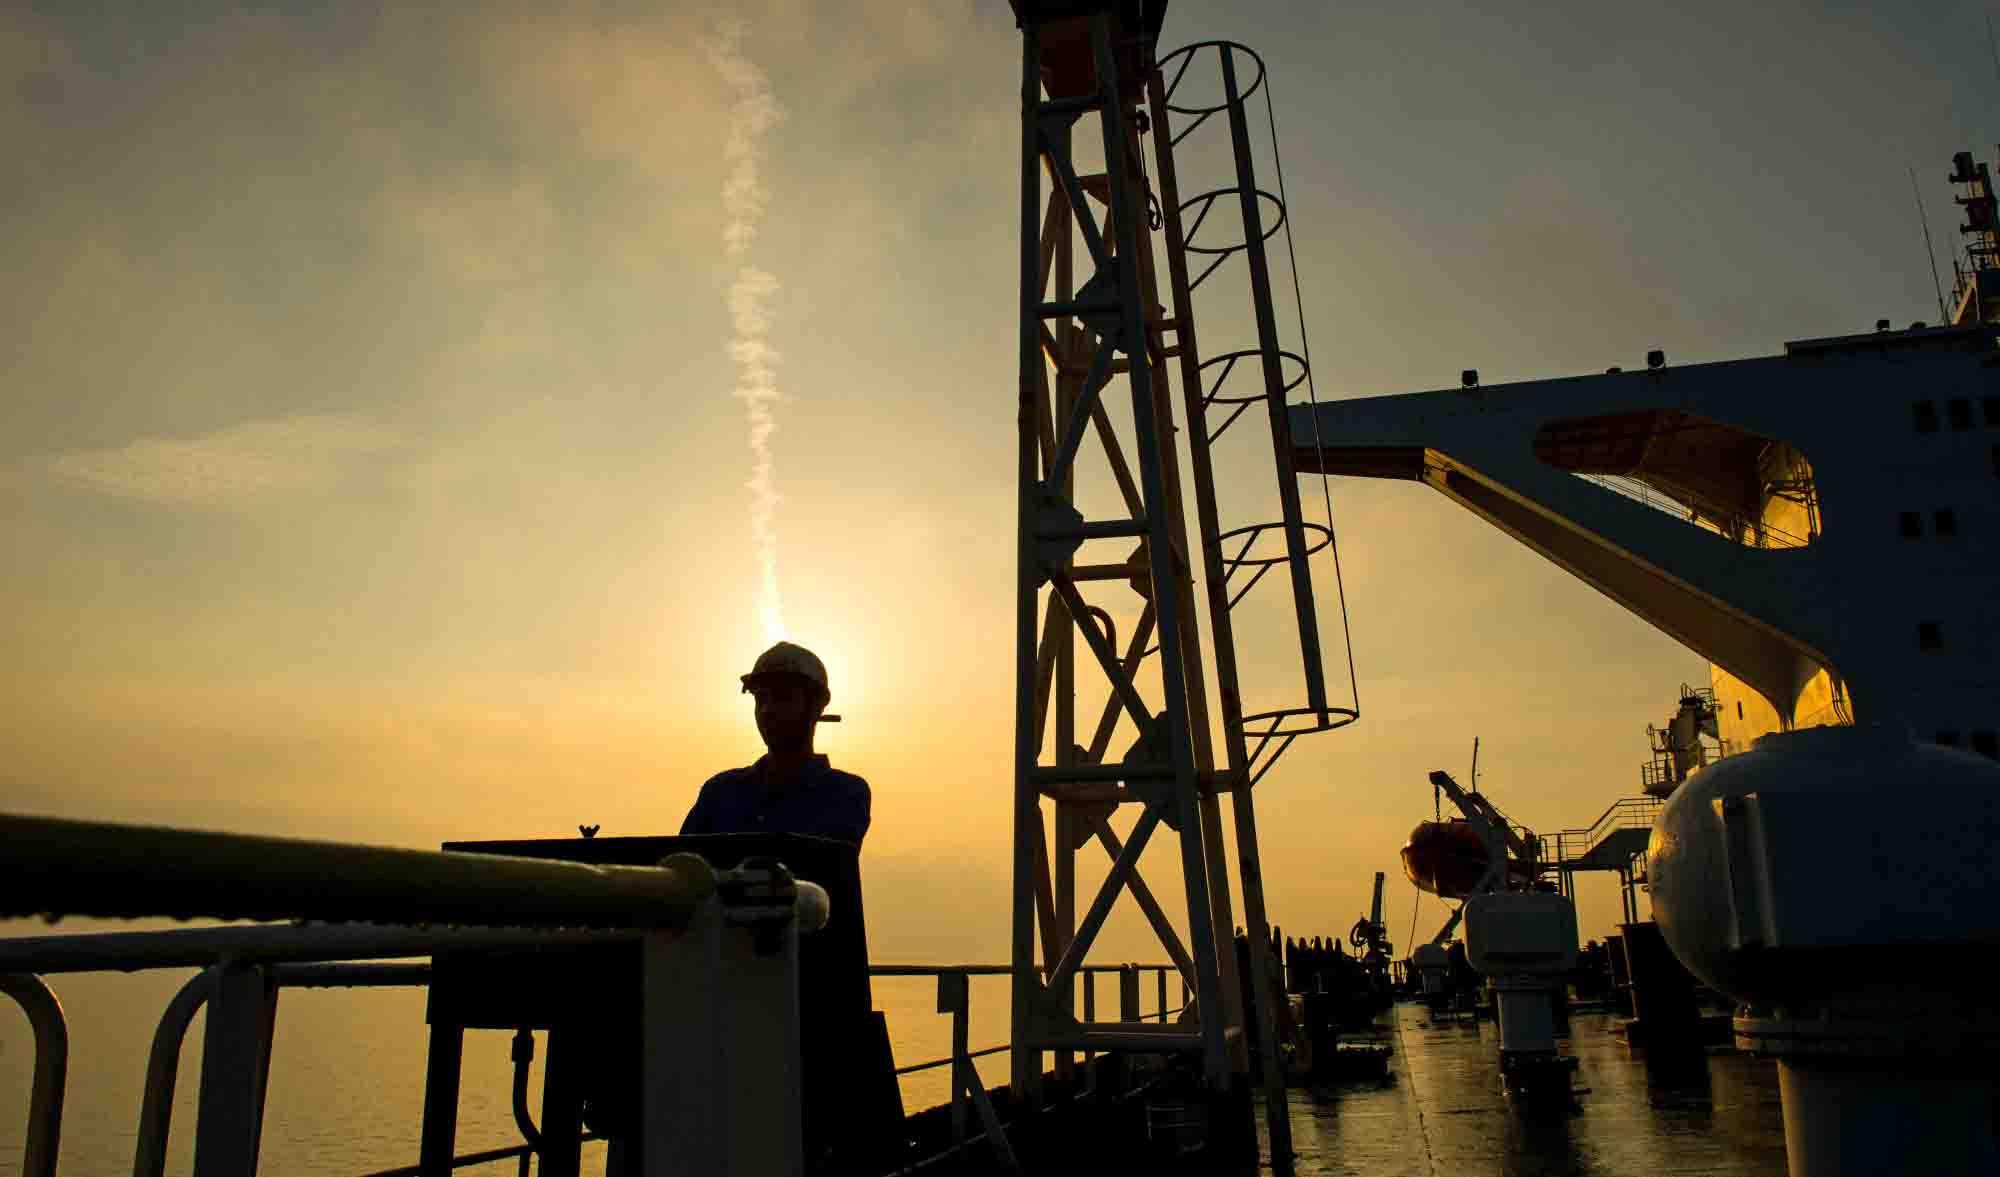 عوامل موثر برقیمت نفت در سال آینده